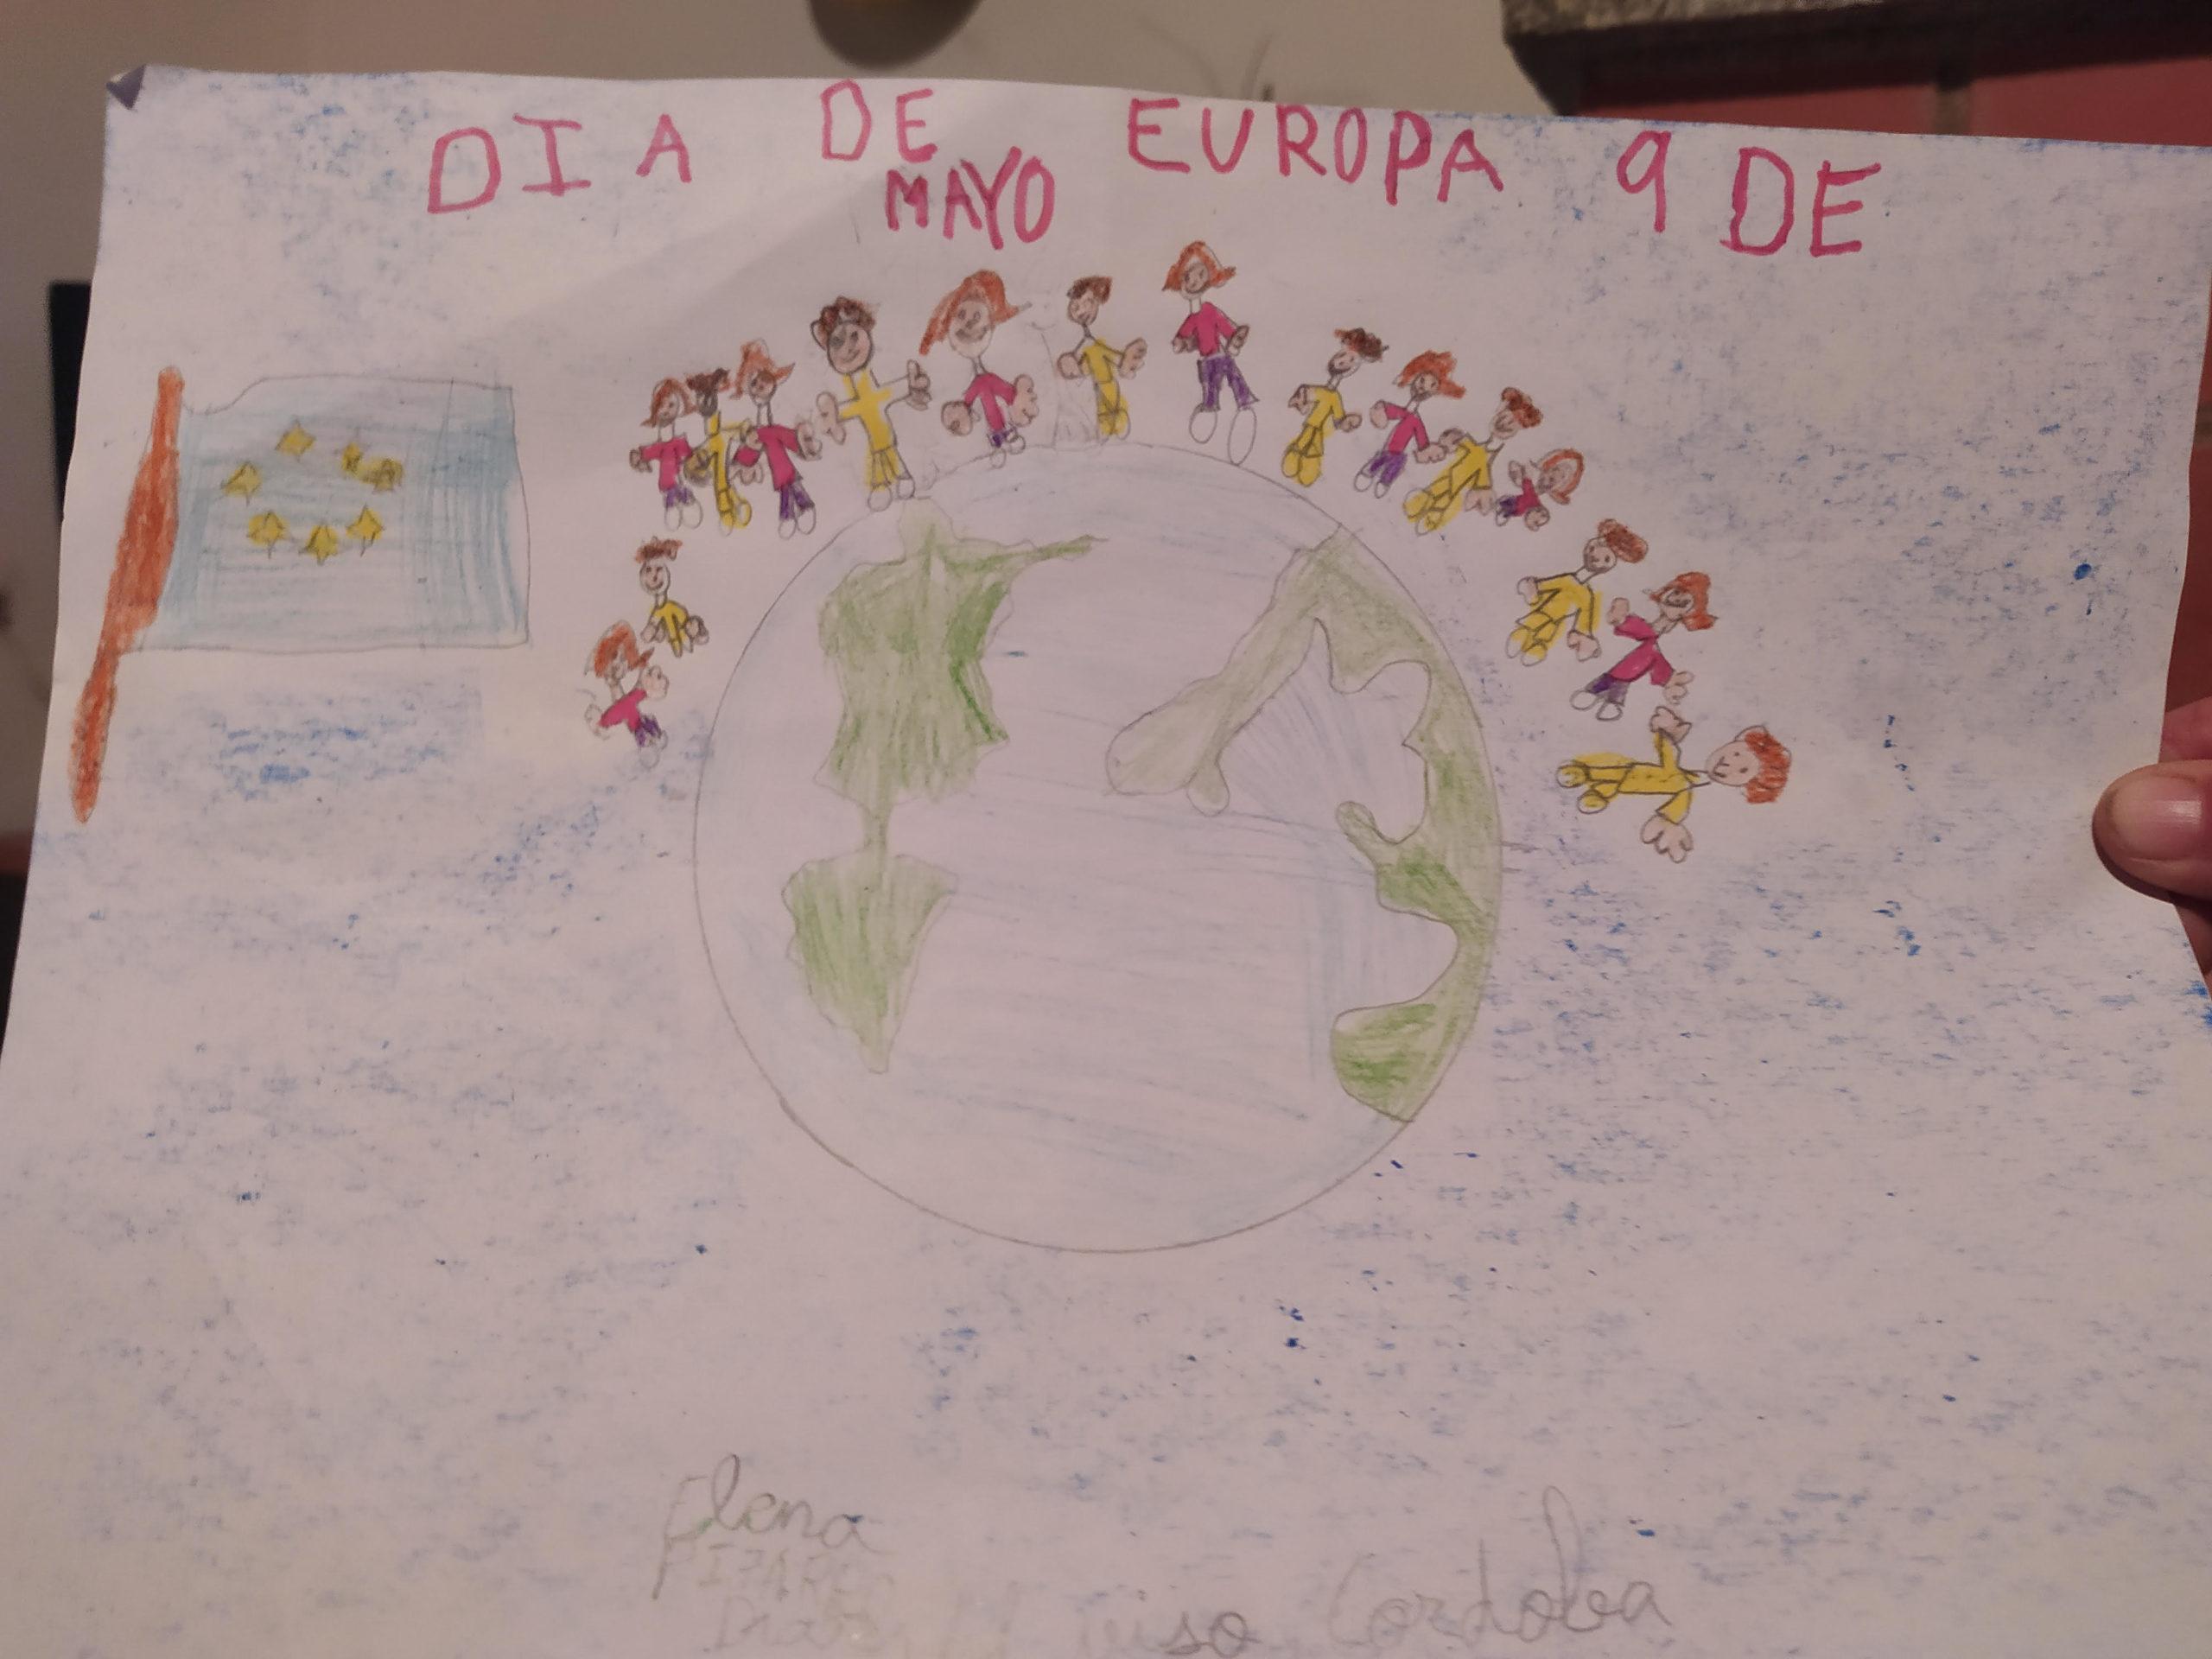 Concurso Día Europa: Dibujo Europa desde casa (1ª parte)